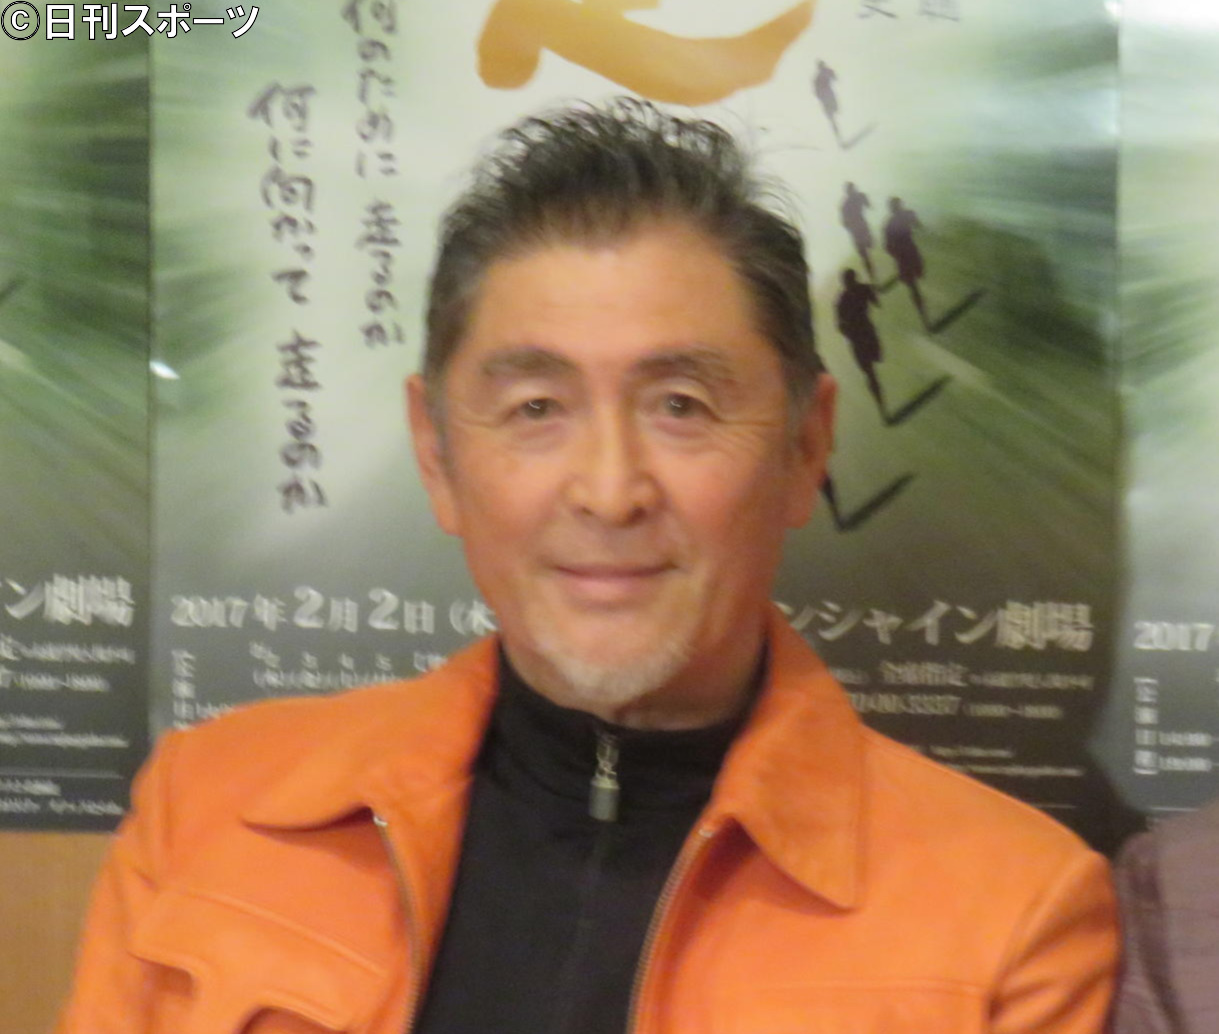 中村龍史さん